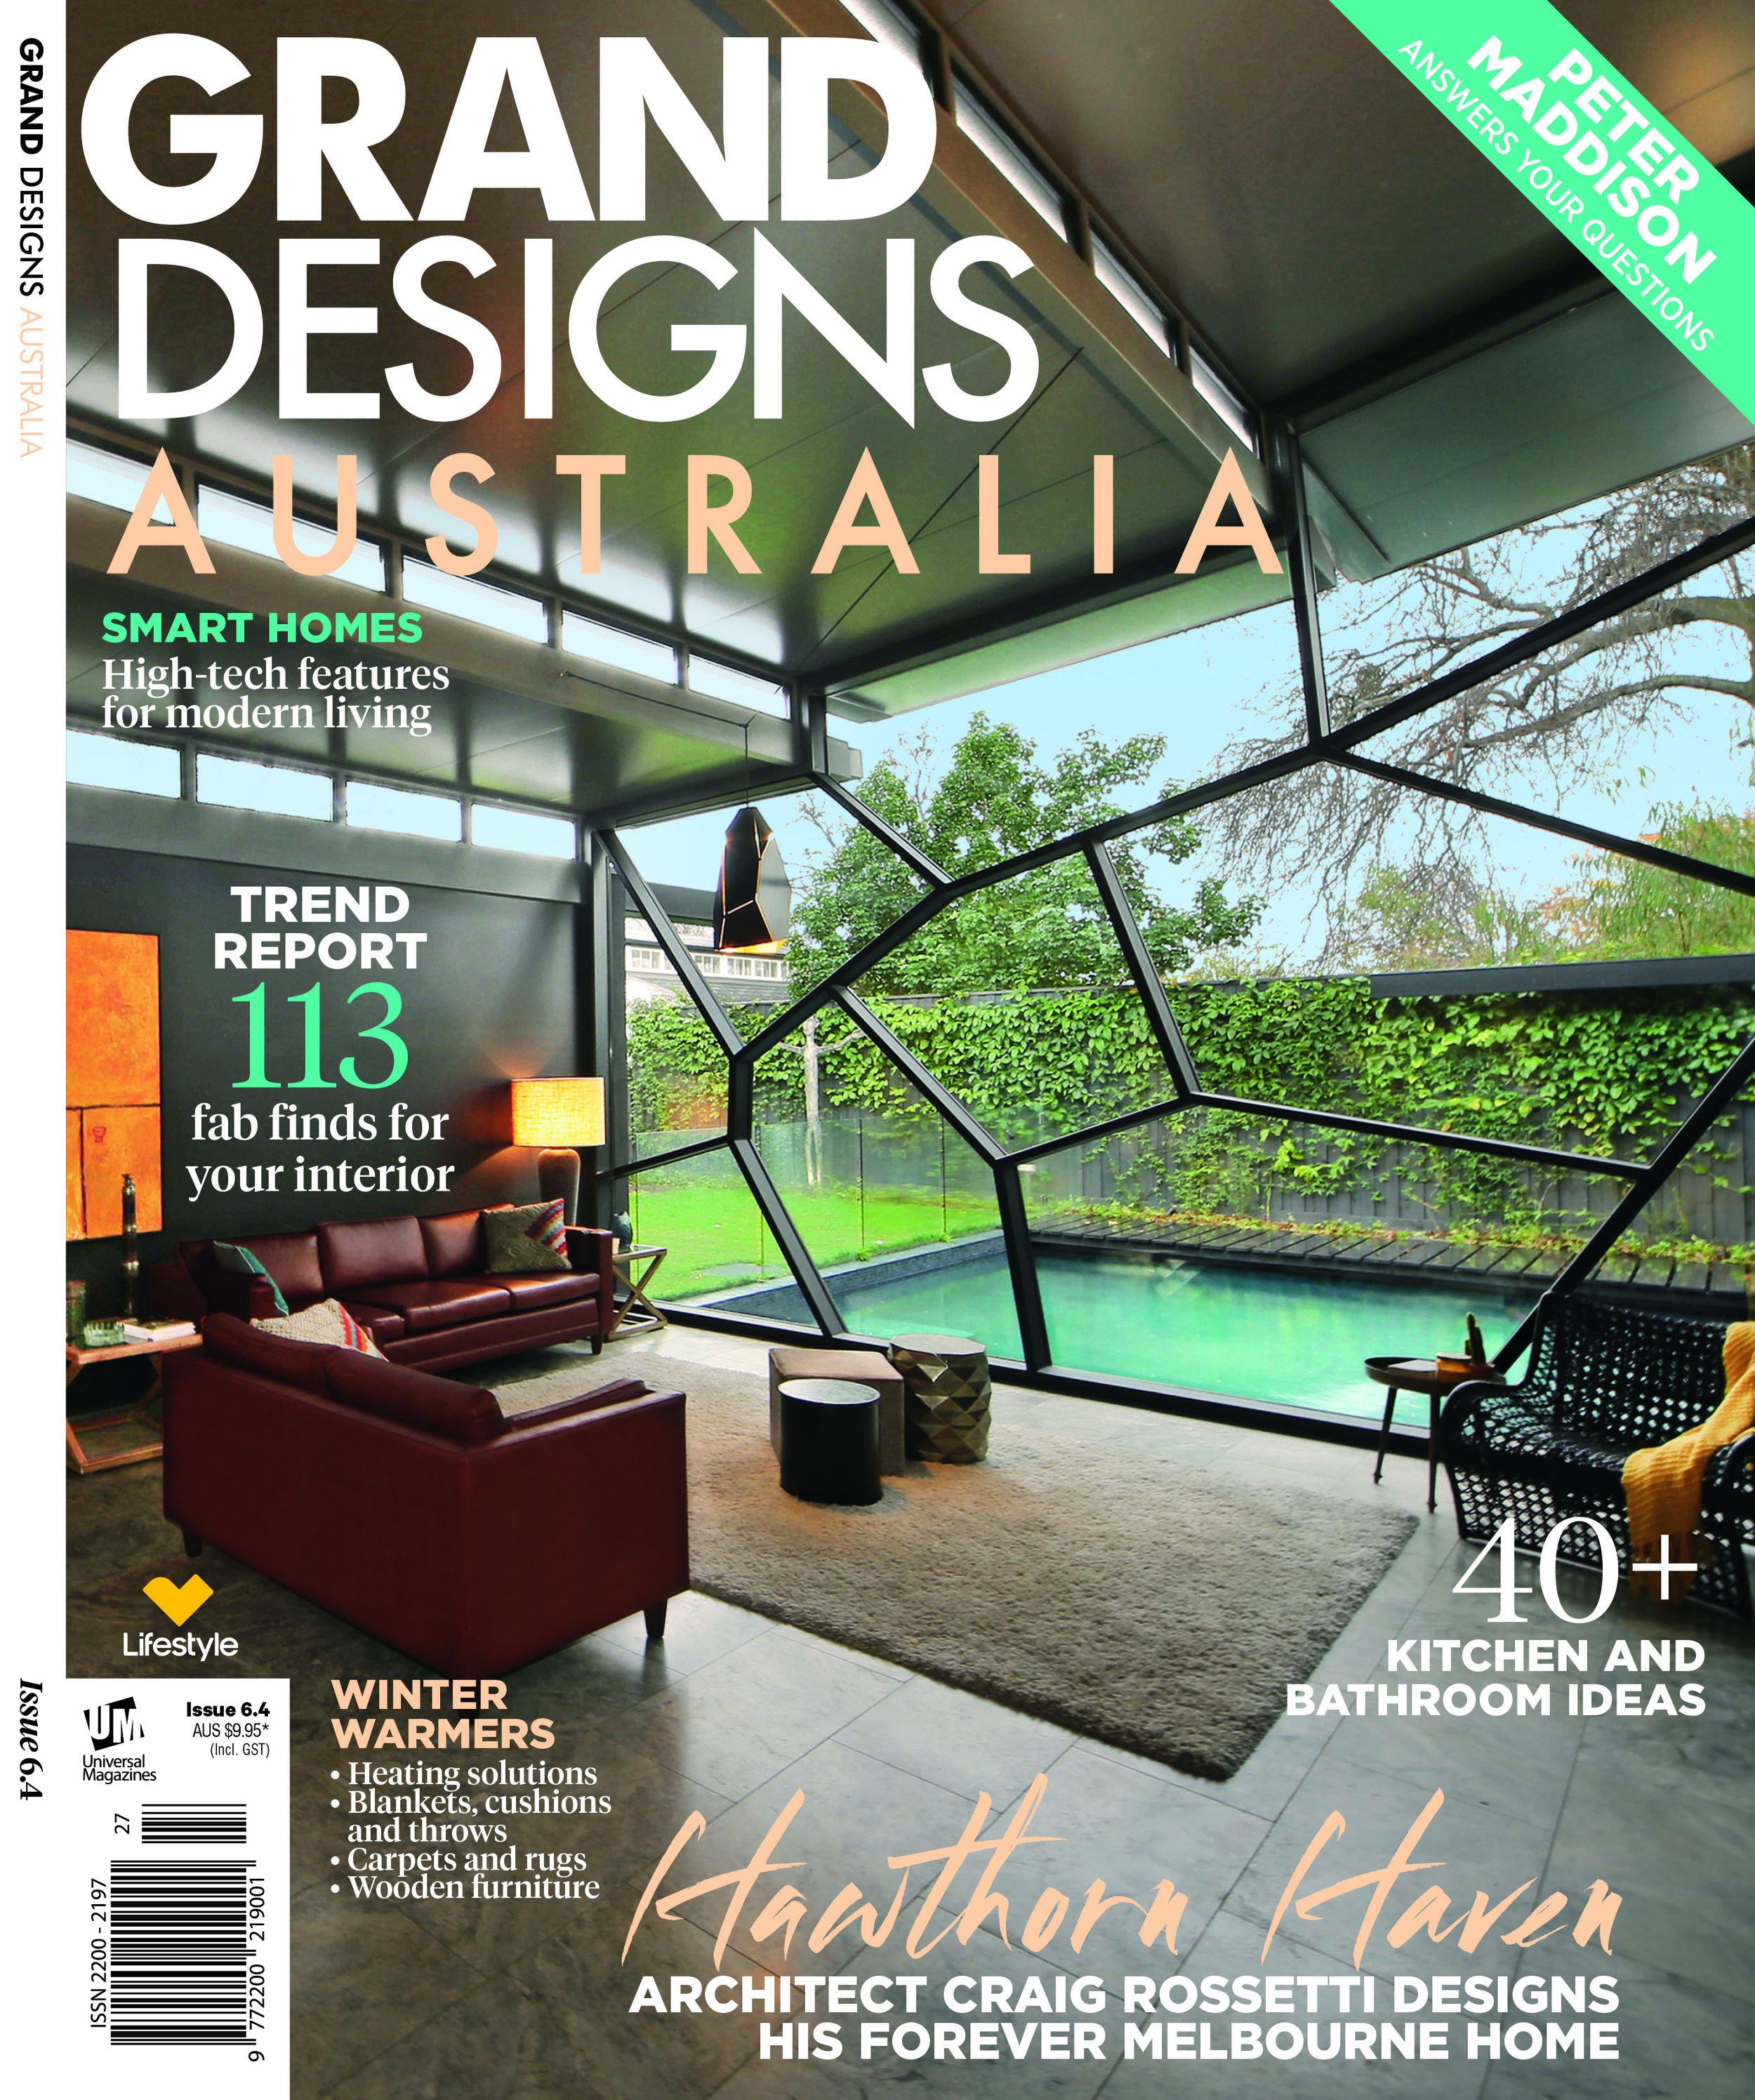 #VillaMQ in Australian Magazine GRAND DESIGNS  In English